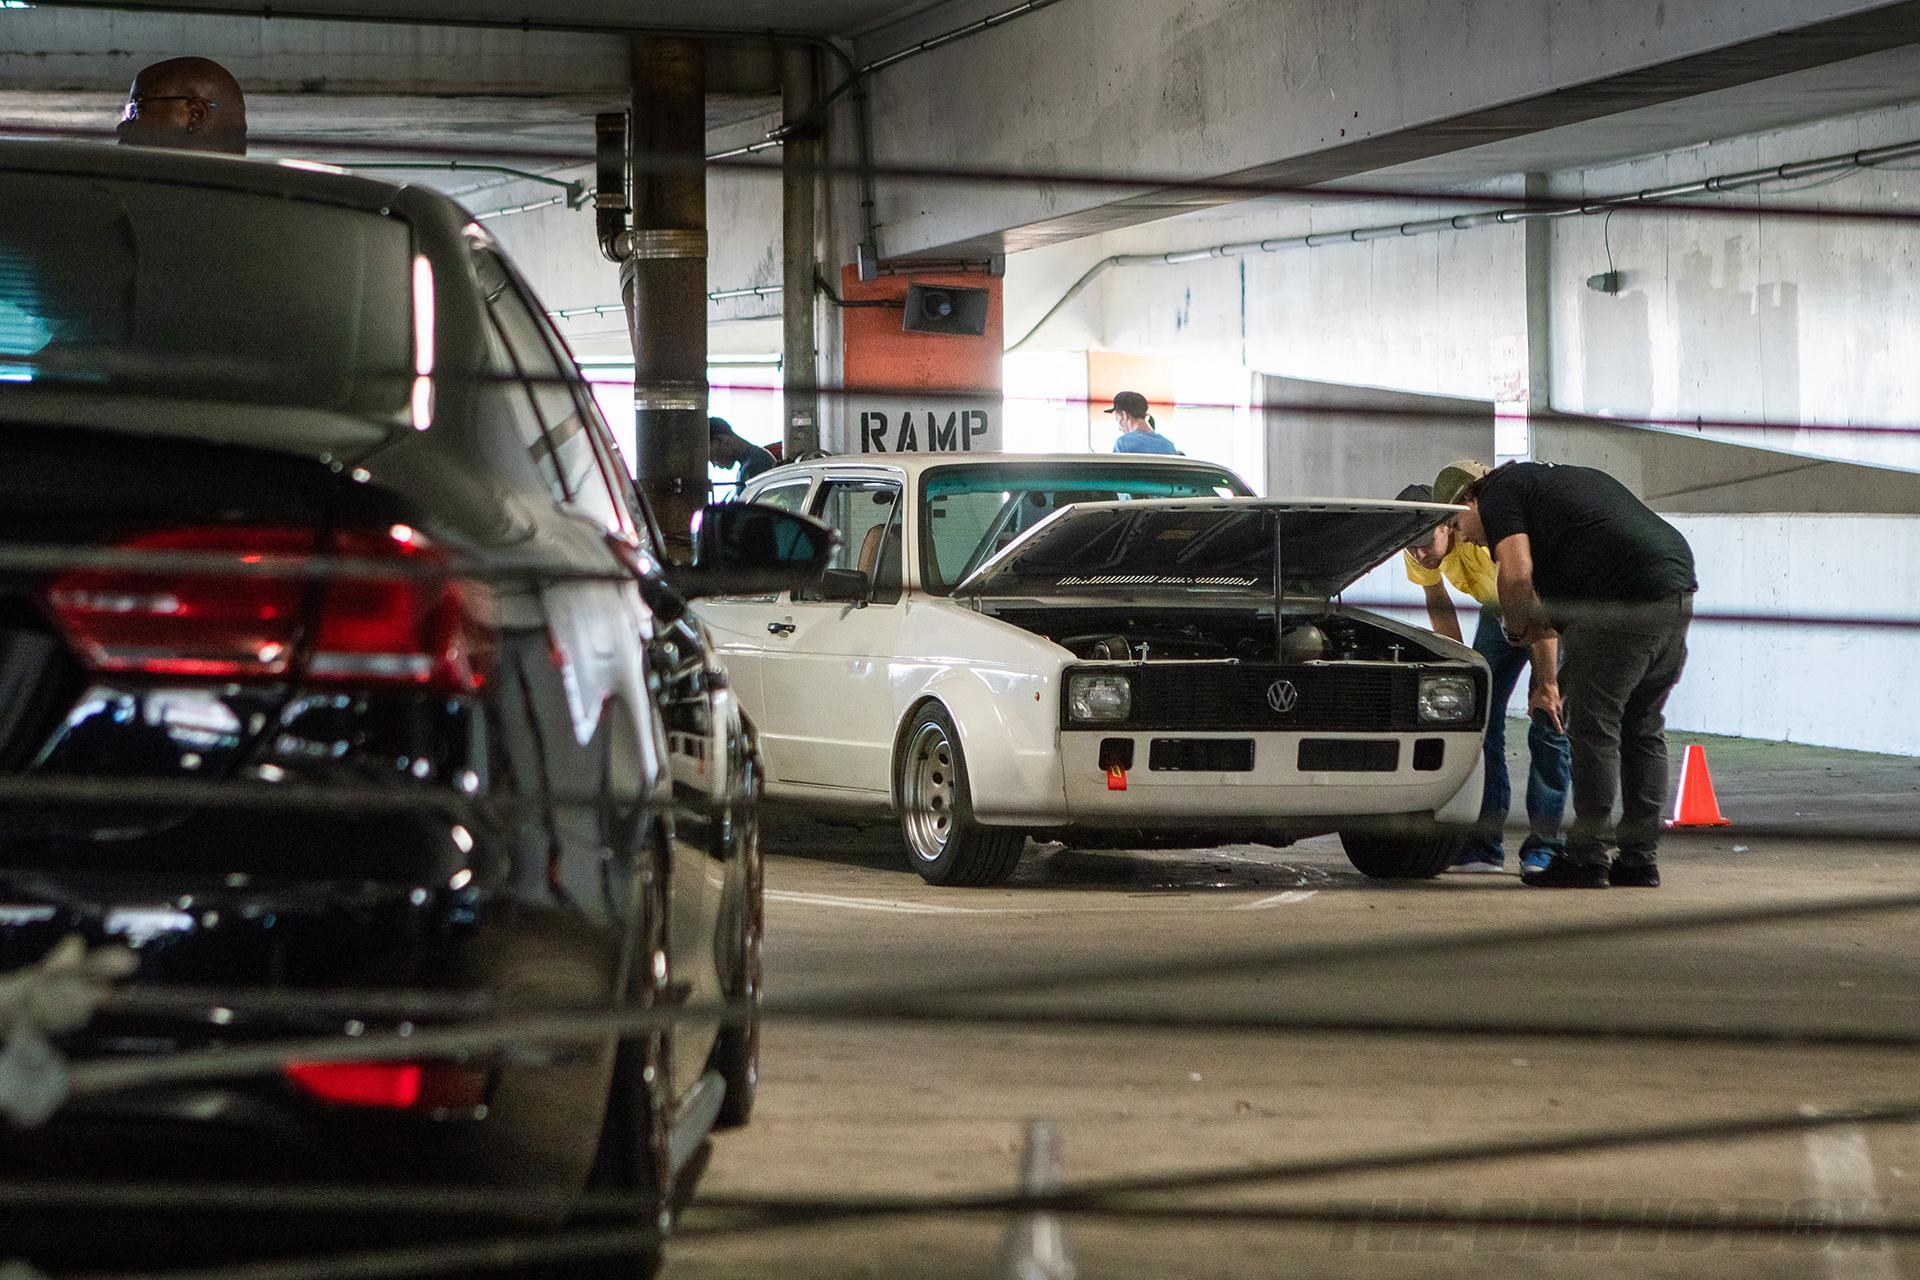 White Volkswagen in the garage